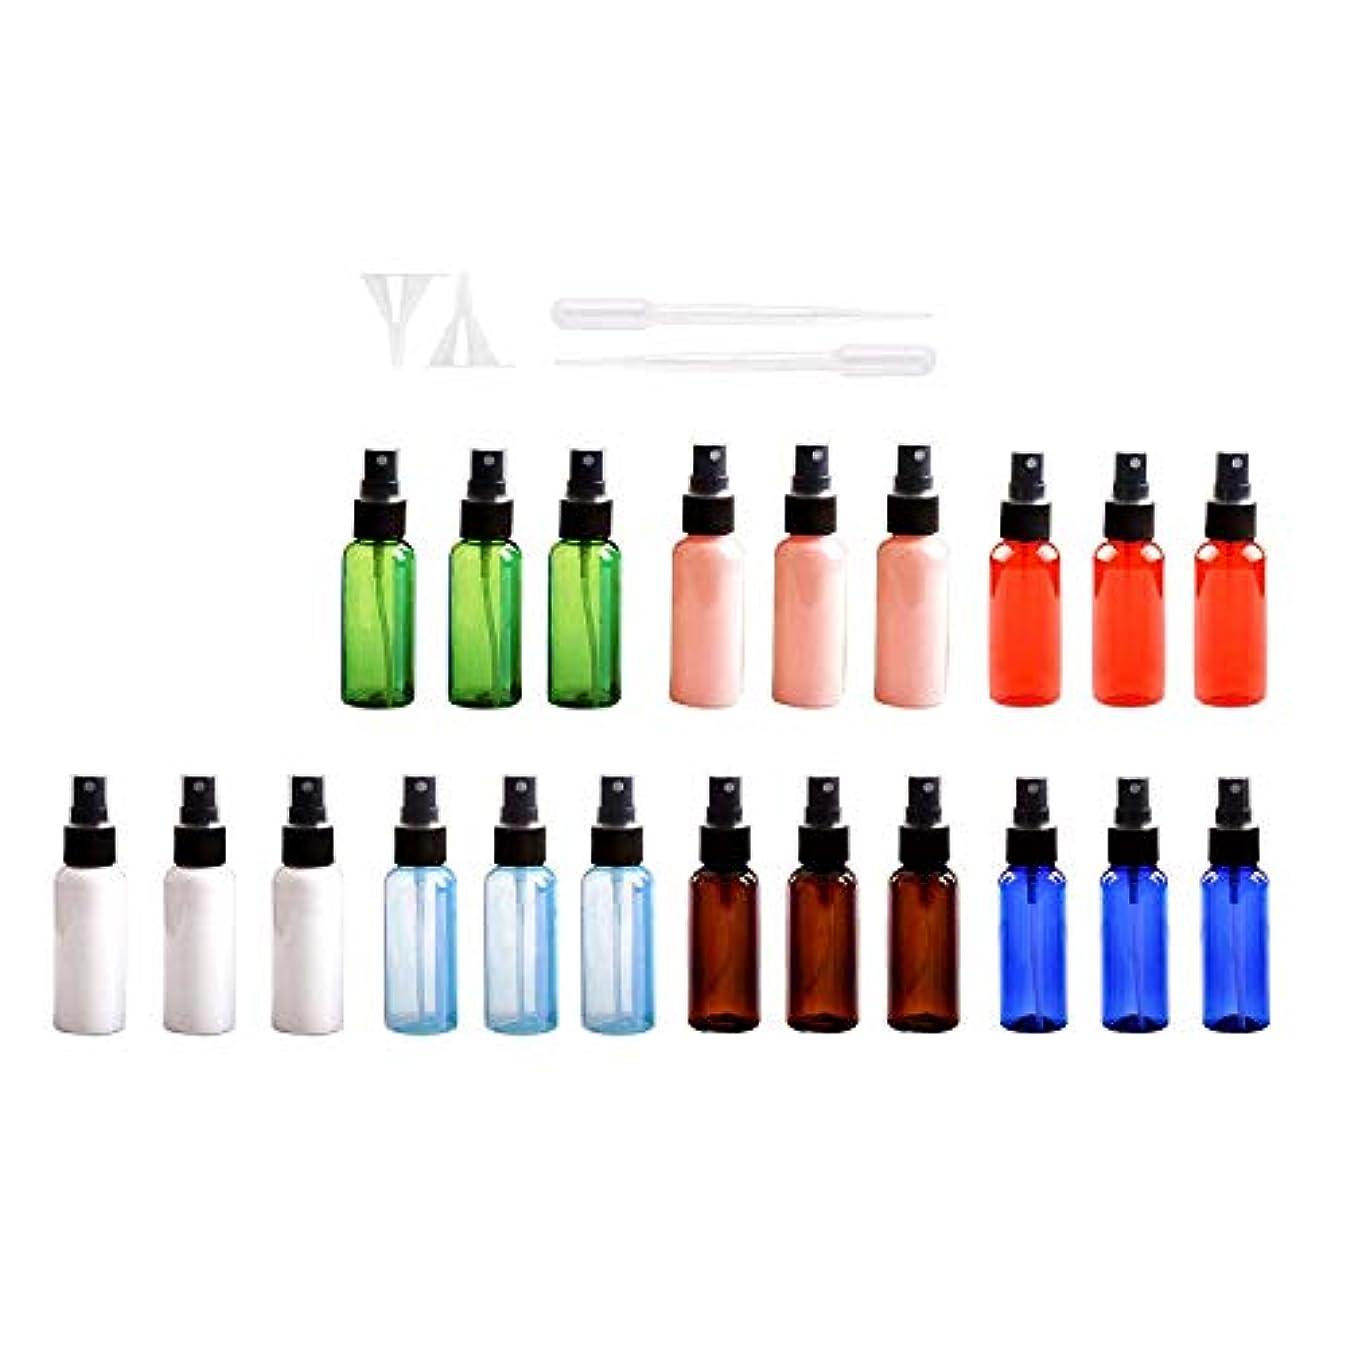 残るブル穿孔するスプレーボトル 21本セット 詰替ボトル 遮光 空容器 霧吹き30ML 遮光瓶